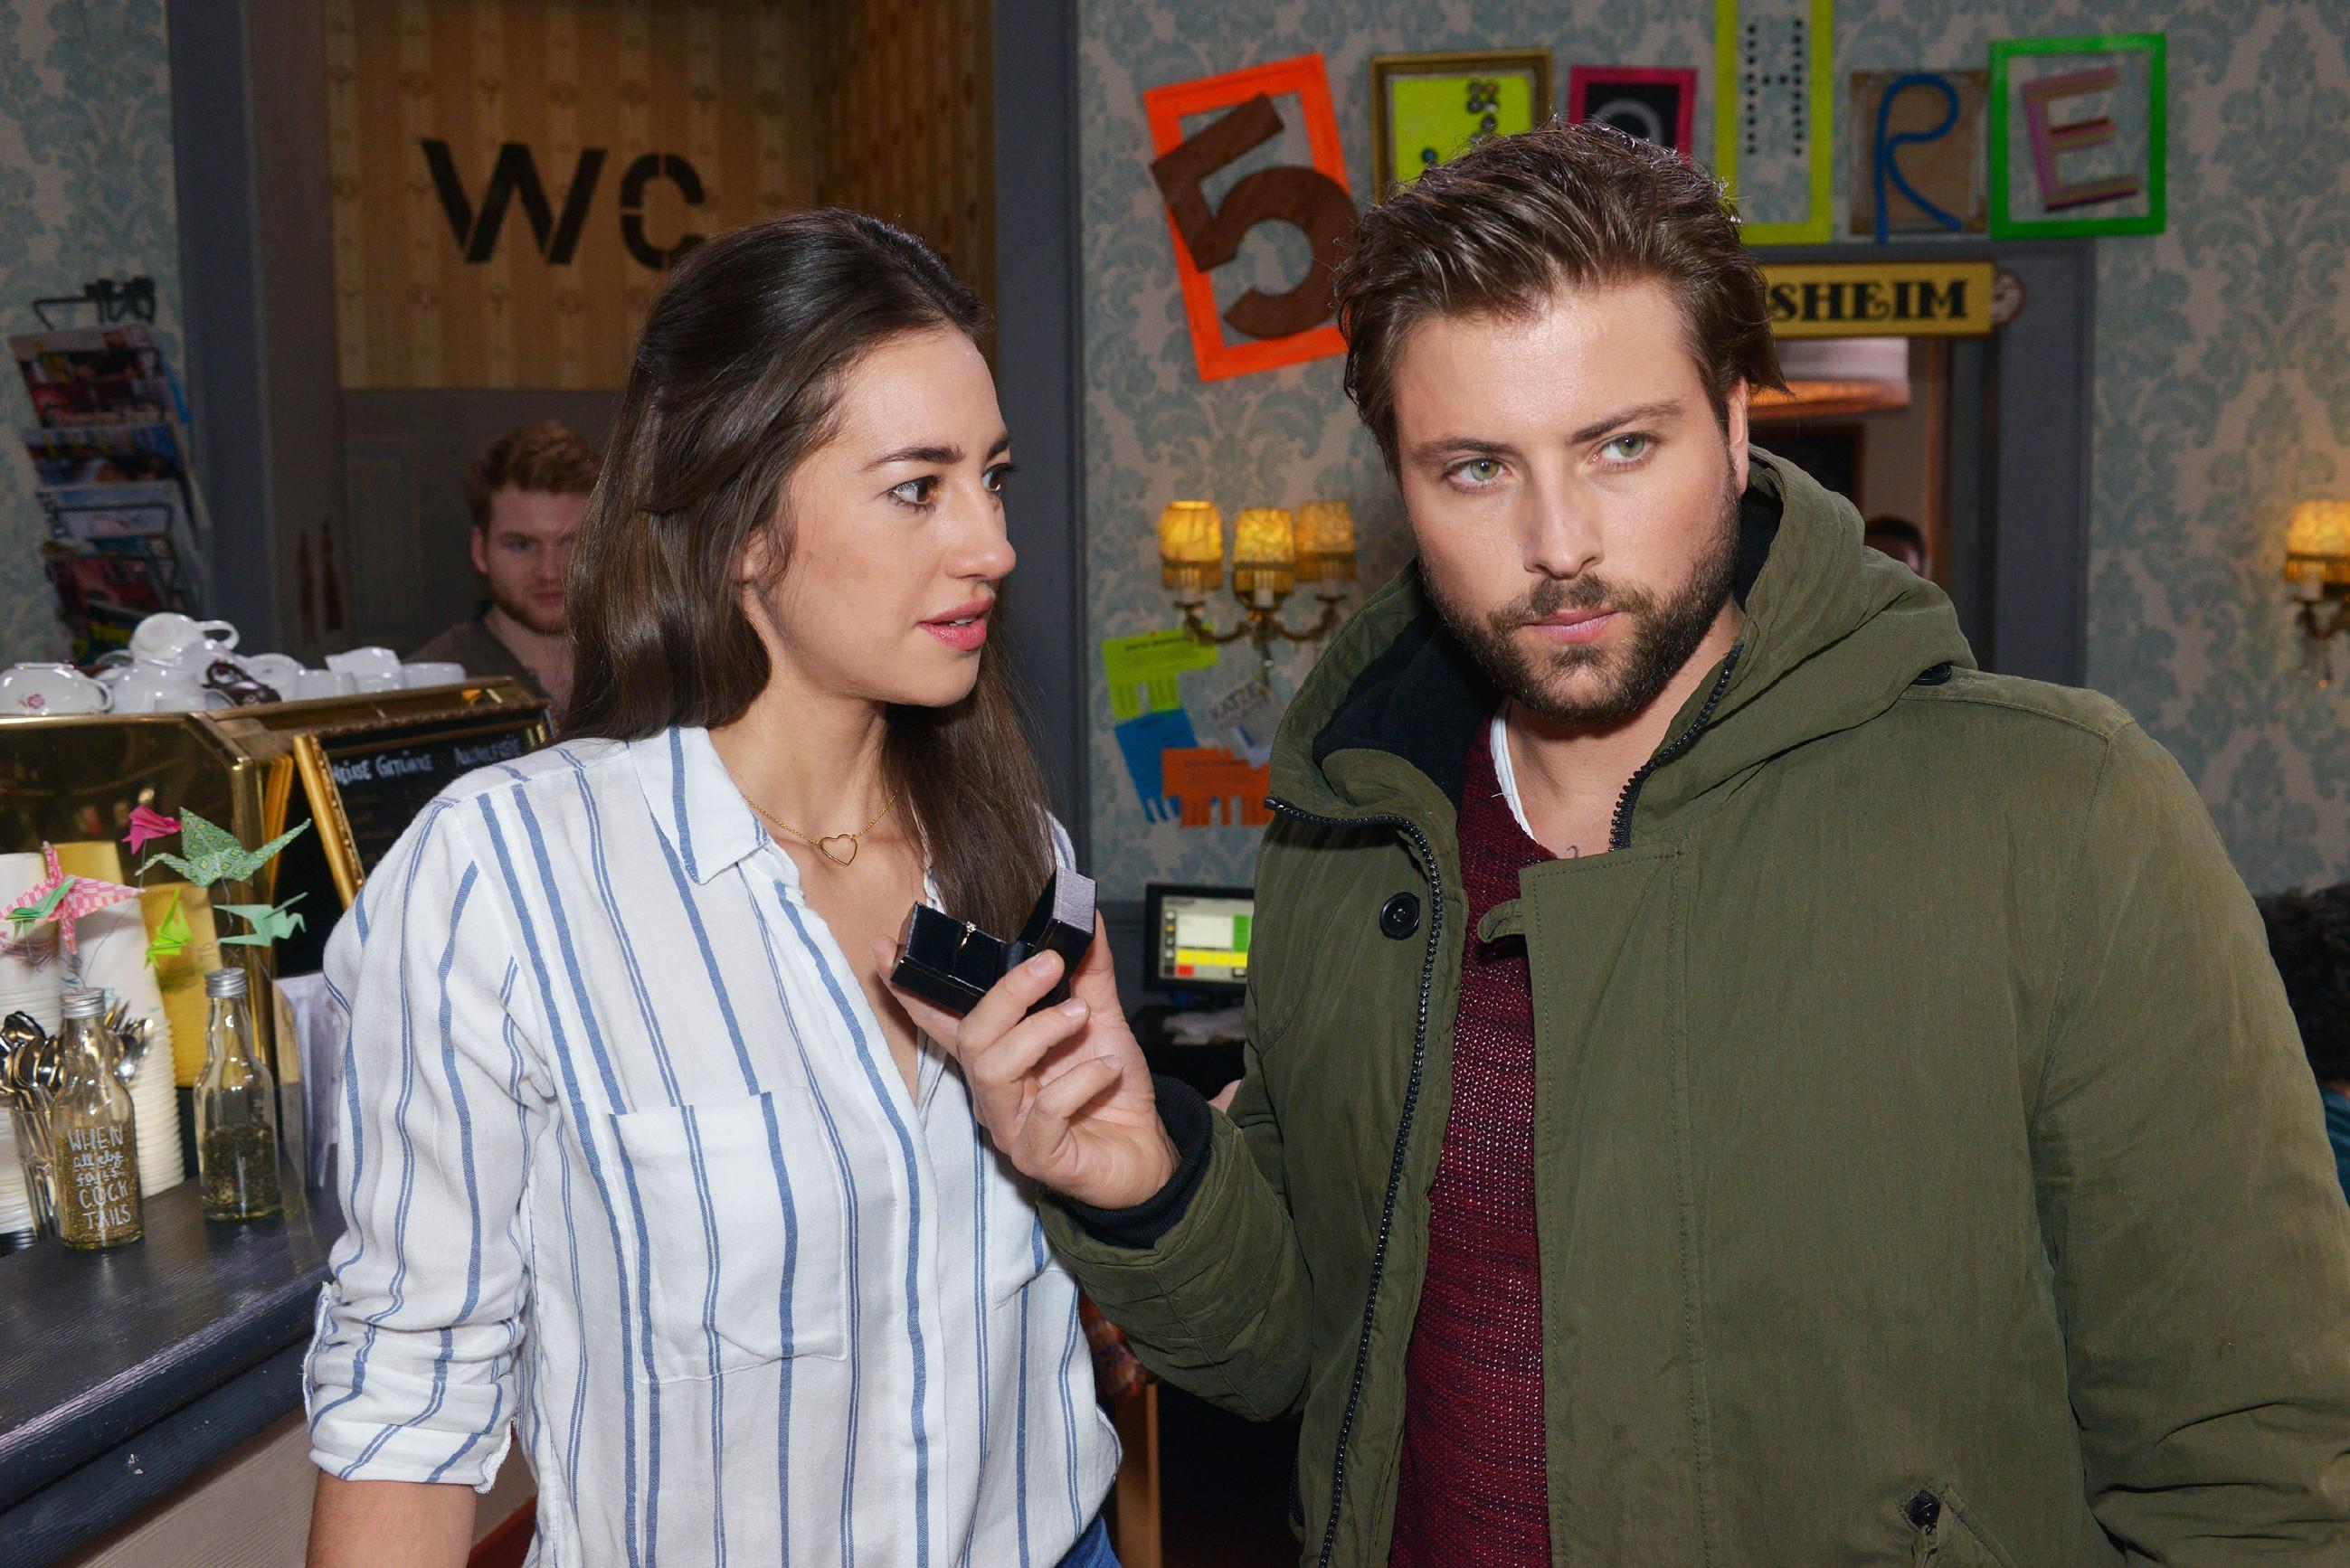 Um Elena (Elena Garcia Gerlach) zu zeigen, wie viel sie ihm bedeutet, macht John (Felix von Jascheroff) ihr kopflos einen Heiratsantrag und wird schwer enttäuscht... (Quelle: RTL / Rolf Baumgartner)